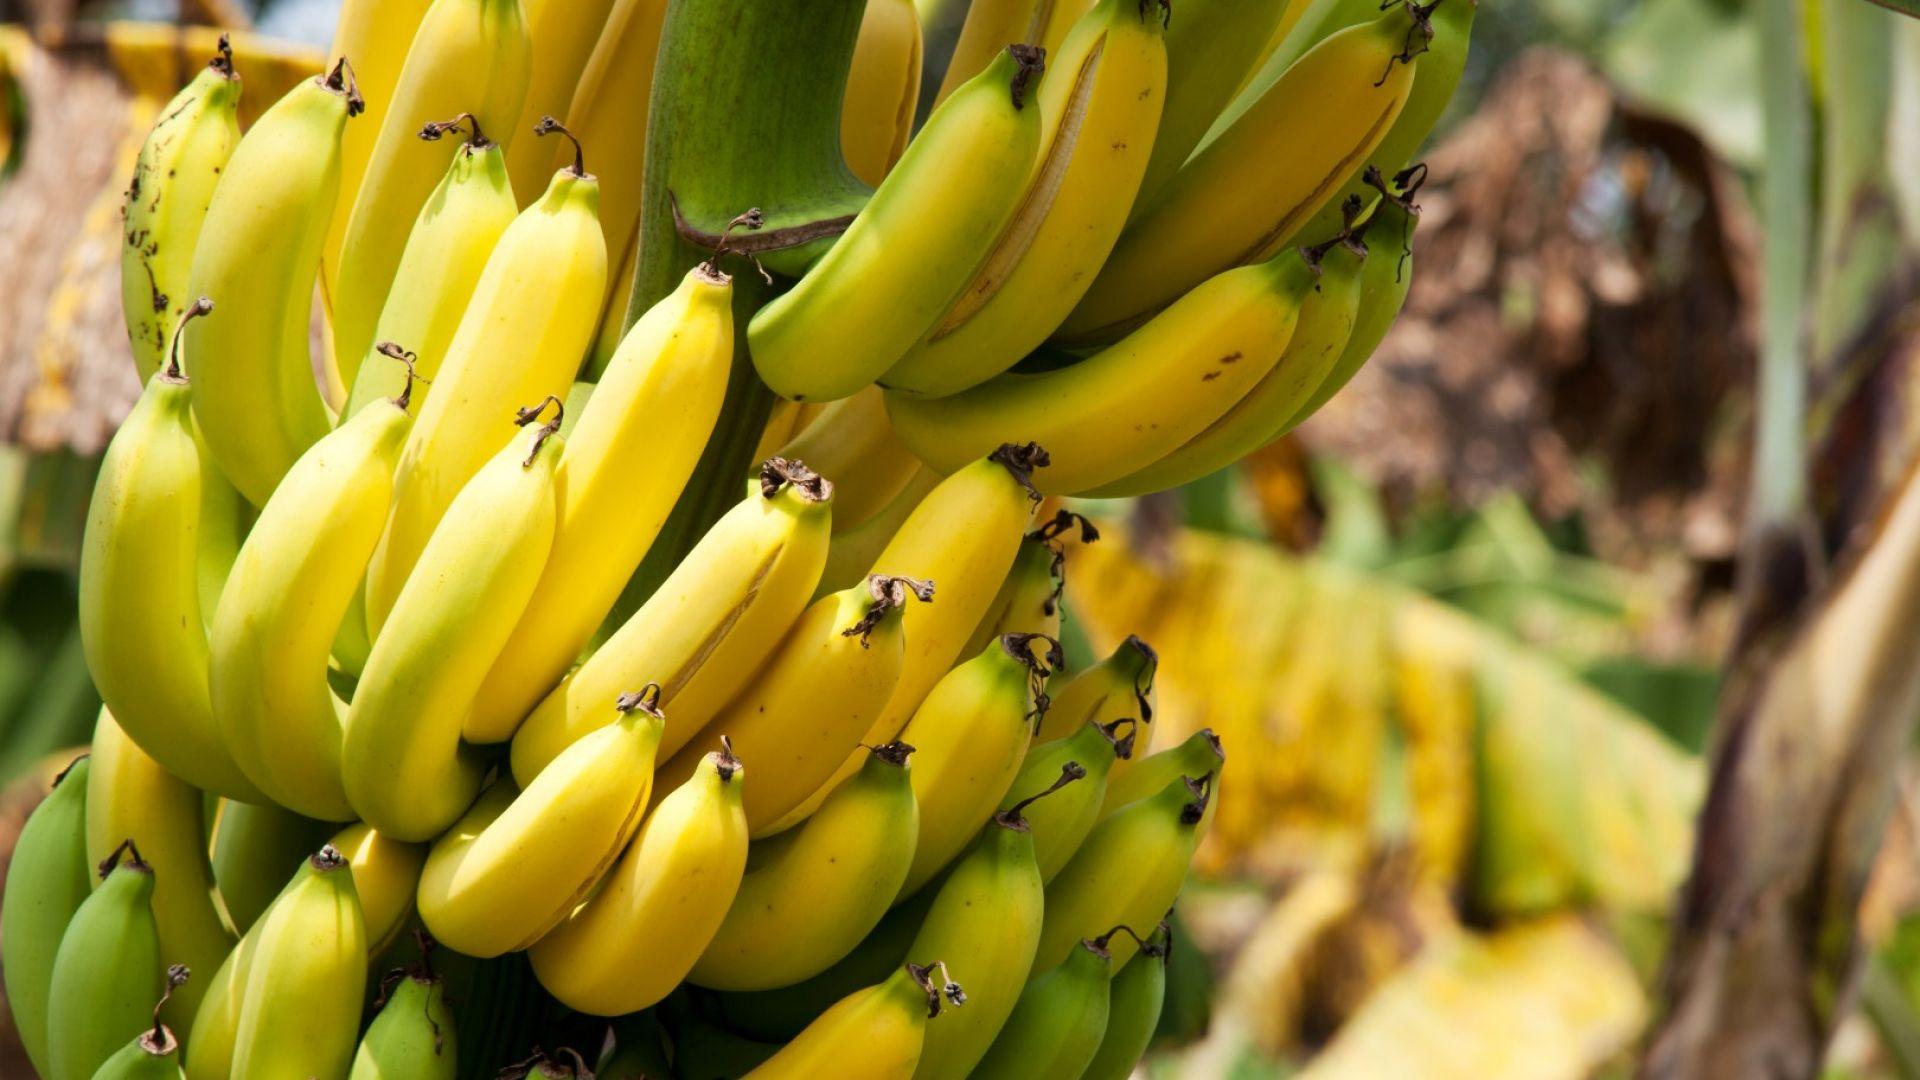 Гъбична инфекция може да срине търговията с банани